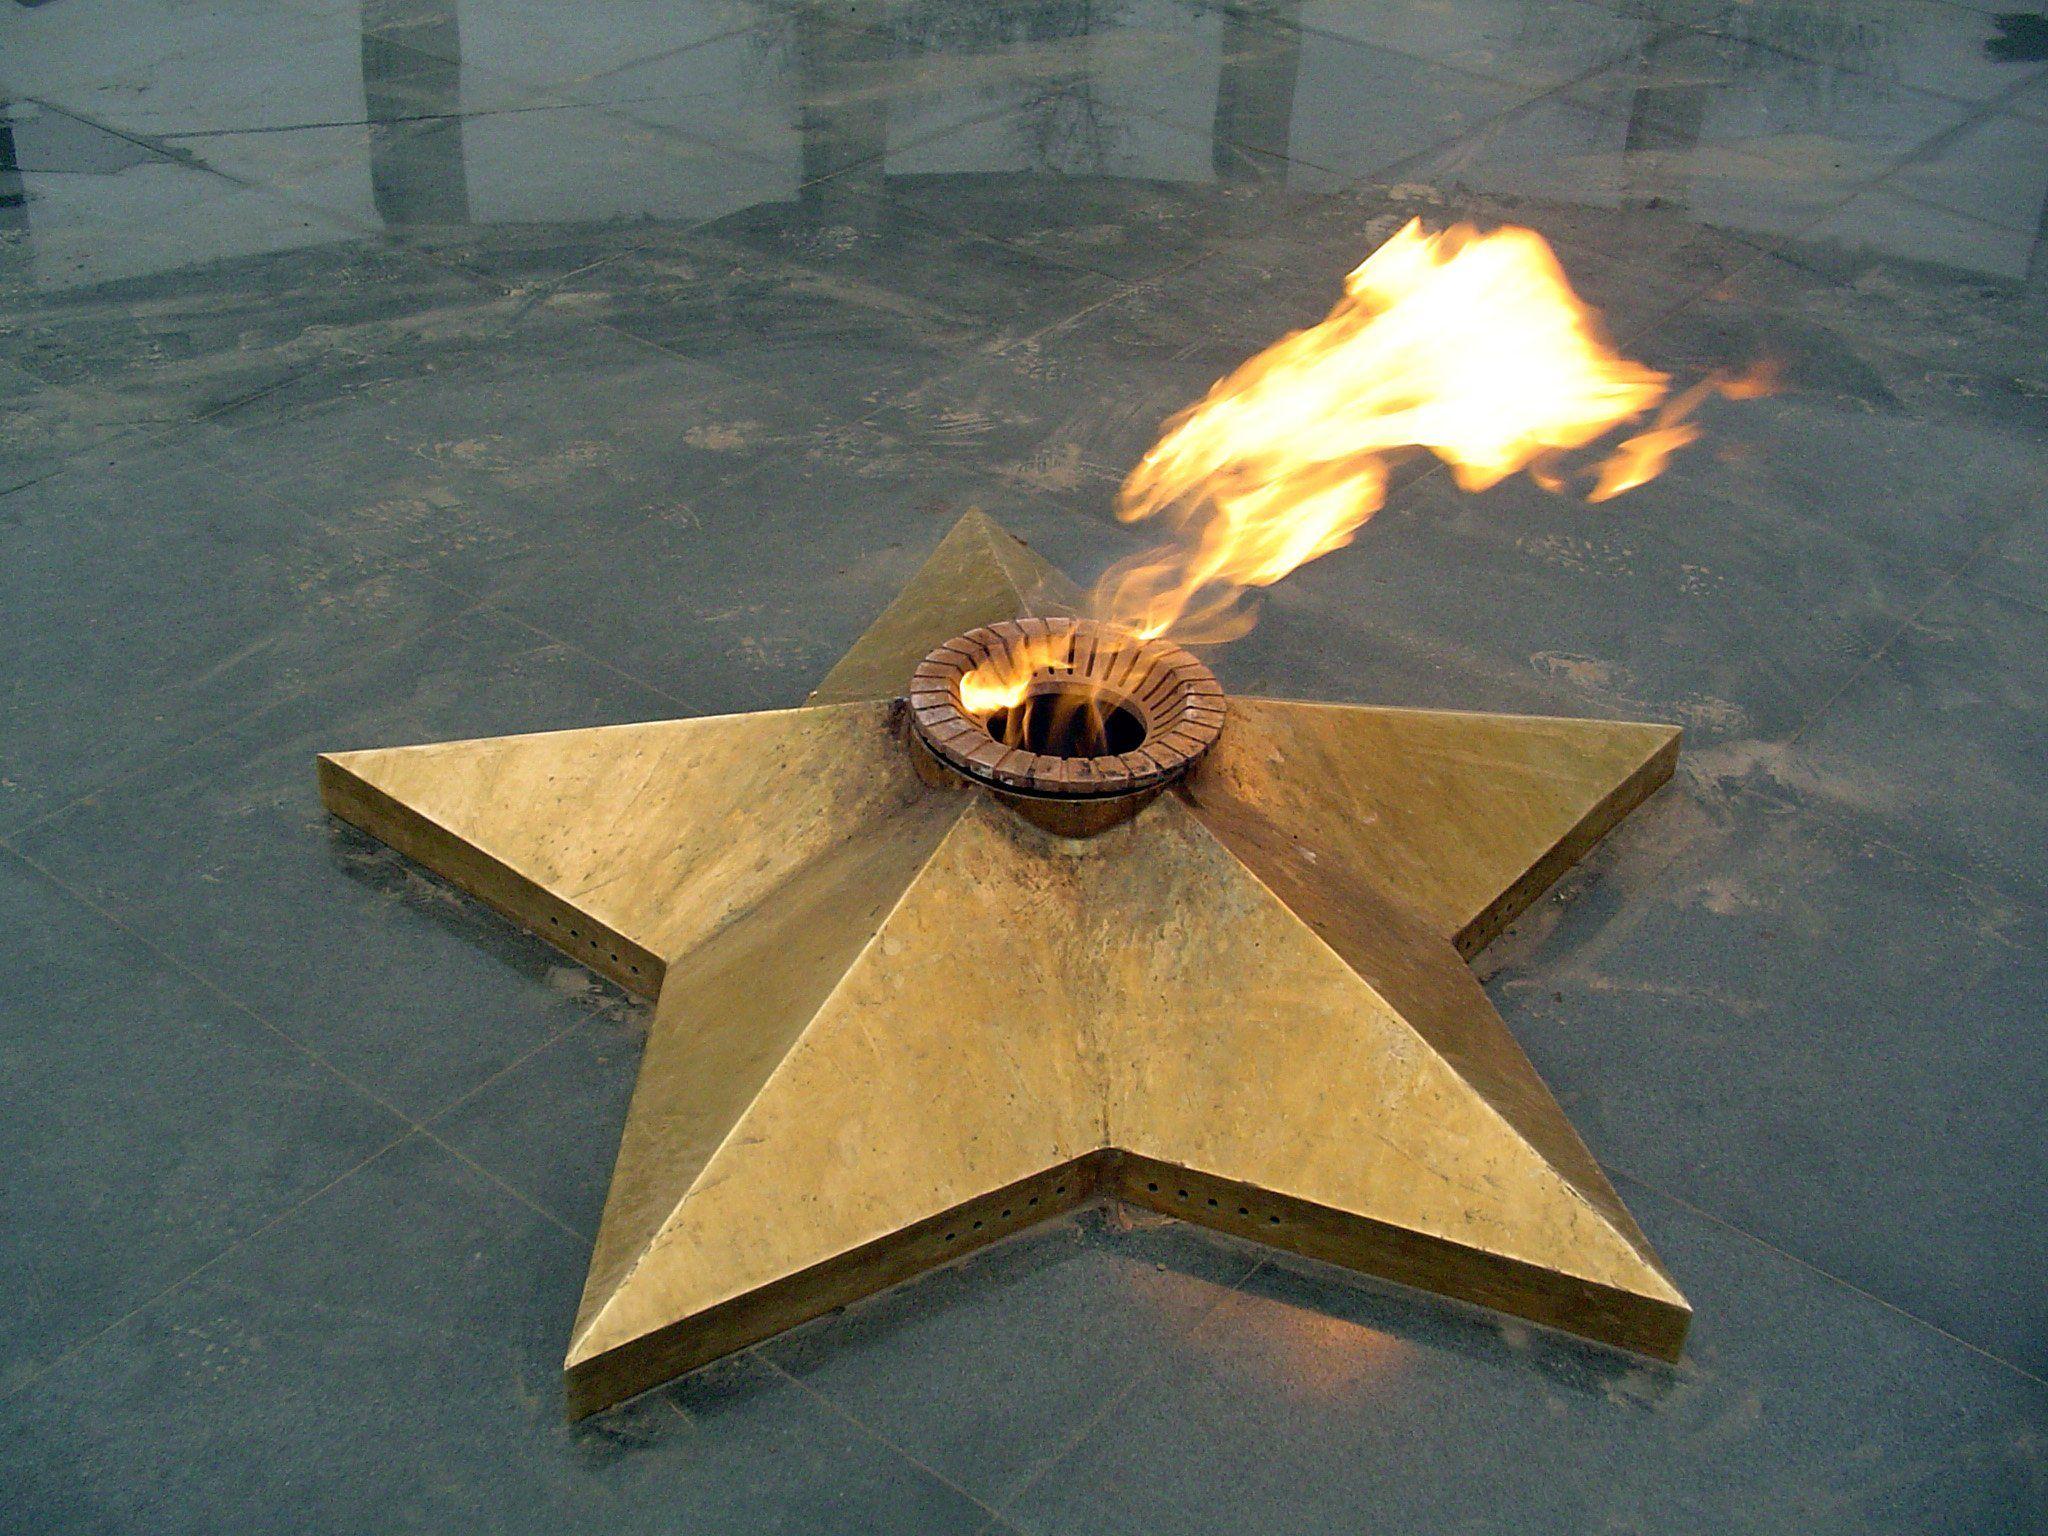 ВЧелябинской области двое несовершеннолетних погасили Вечный огонь